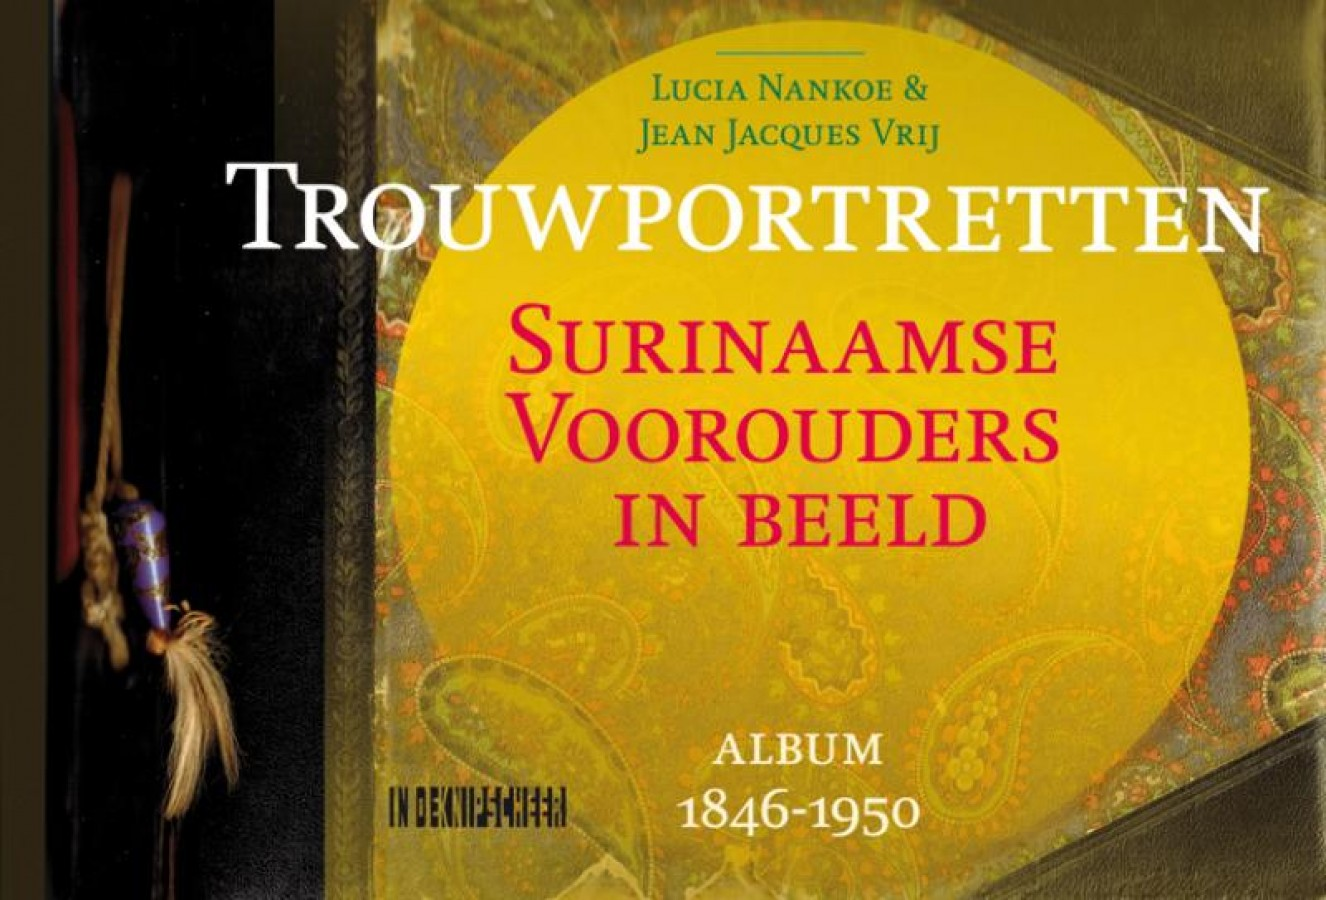 Trouwportretten. Surinaamse voorouders in beeld